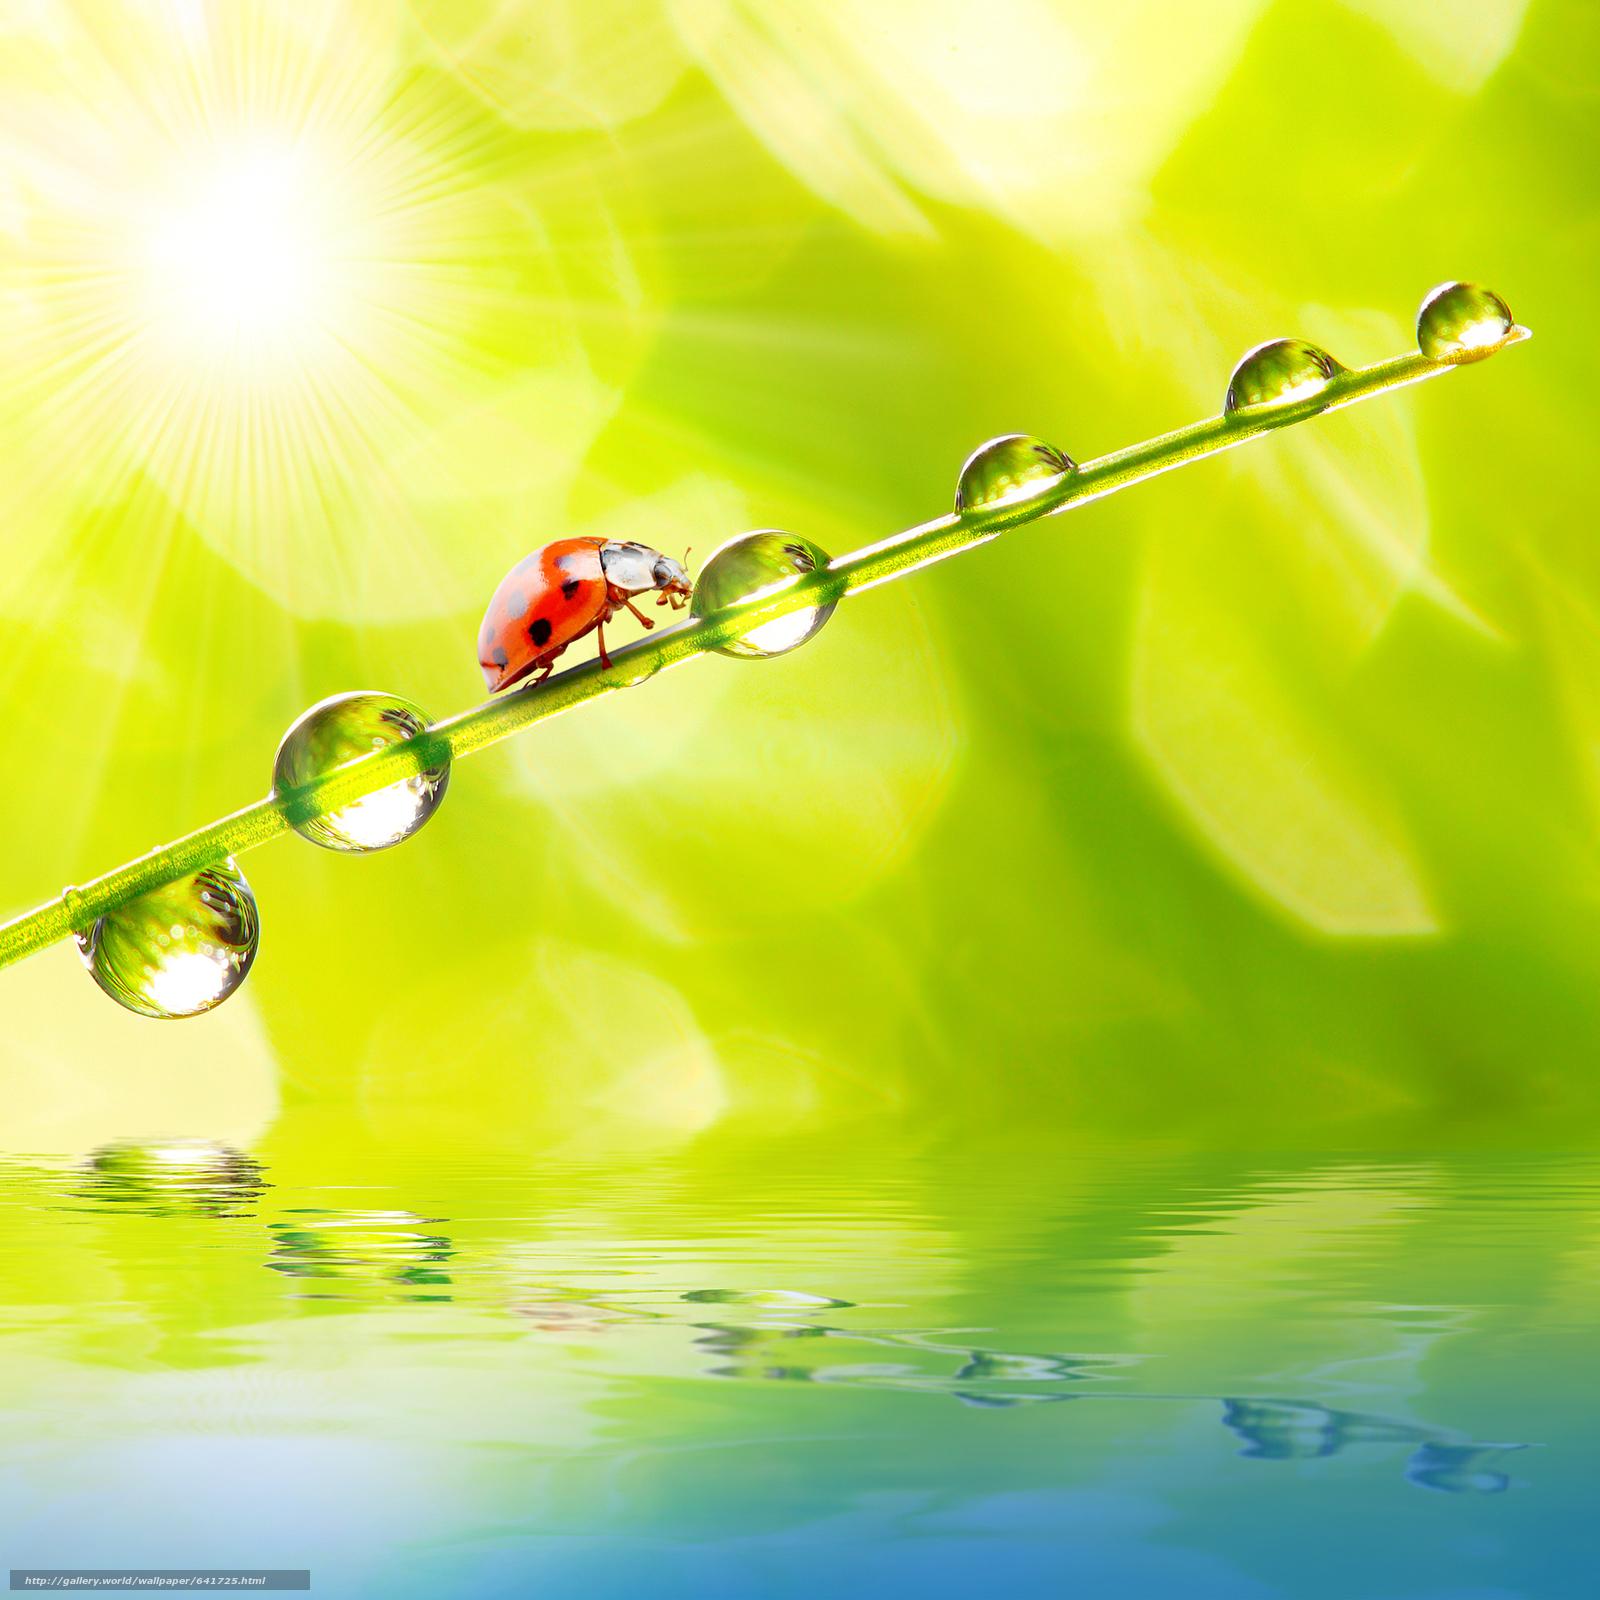 Скачать обои божьи коровки в раю,  свет,  солнце,  свежий воздух бесплатно для рабочего стола в разрешении 4120x4120 — картинка №641725